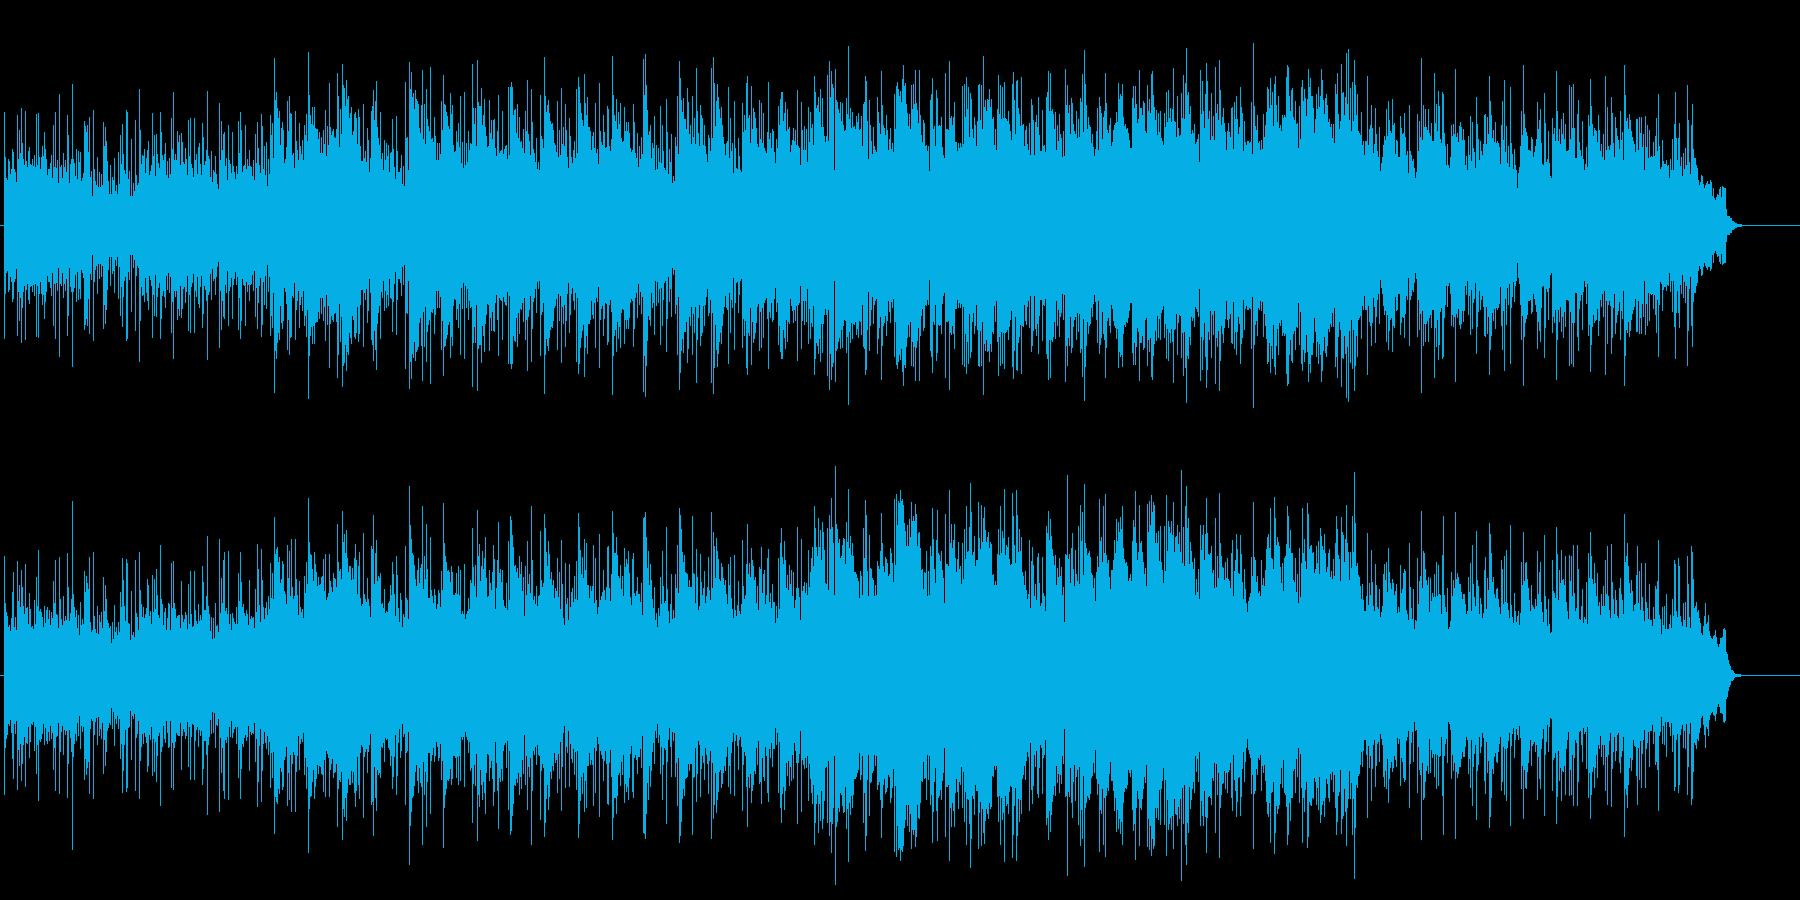 のんのり明るさ ときめきバラードの再生済みの波形